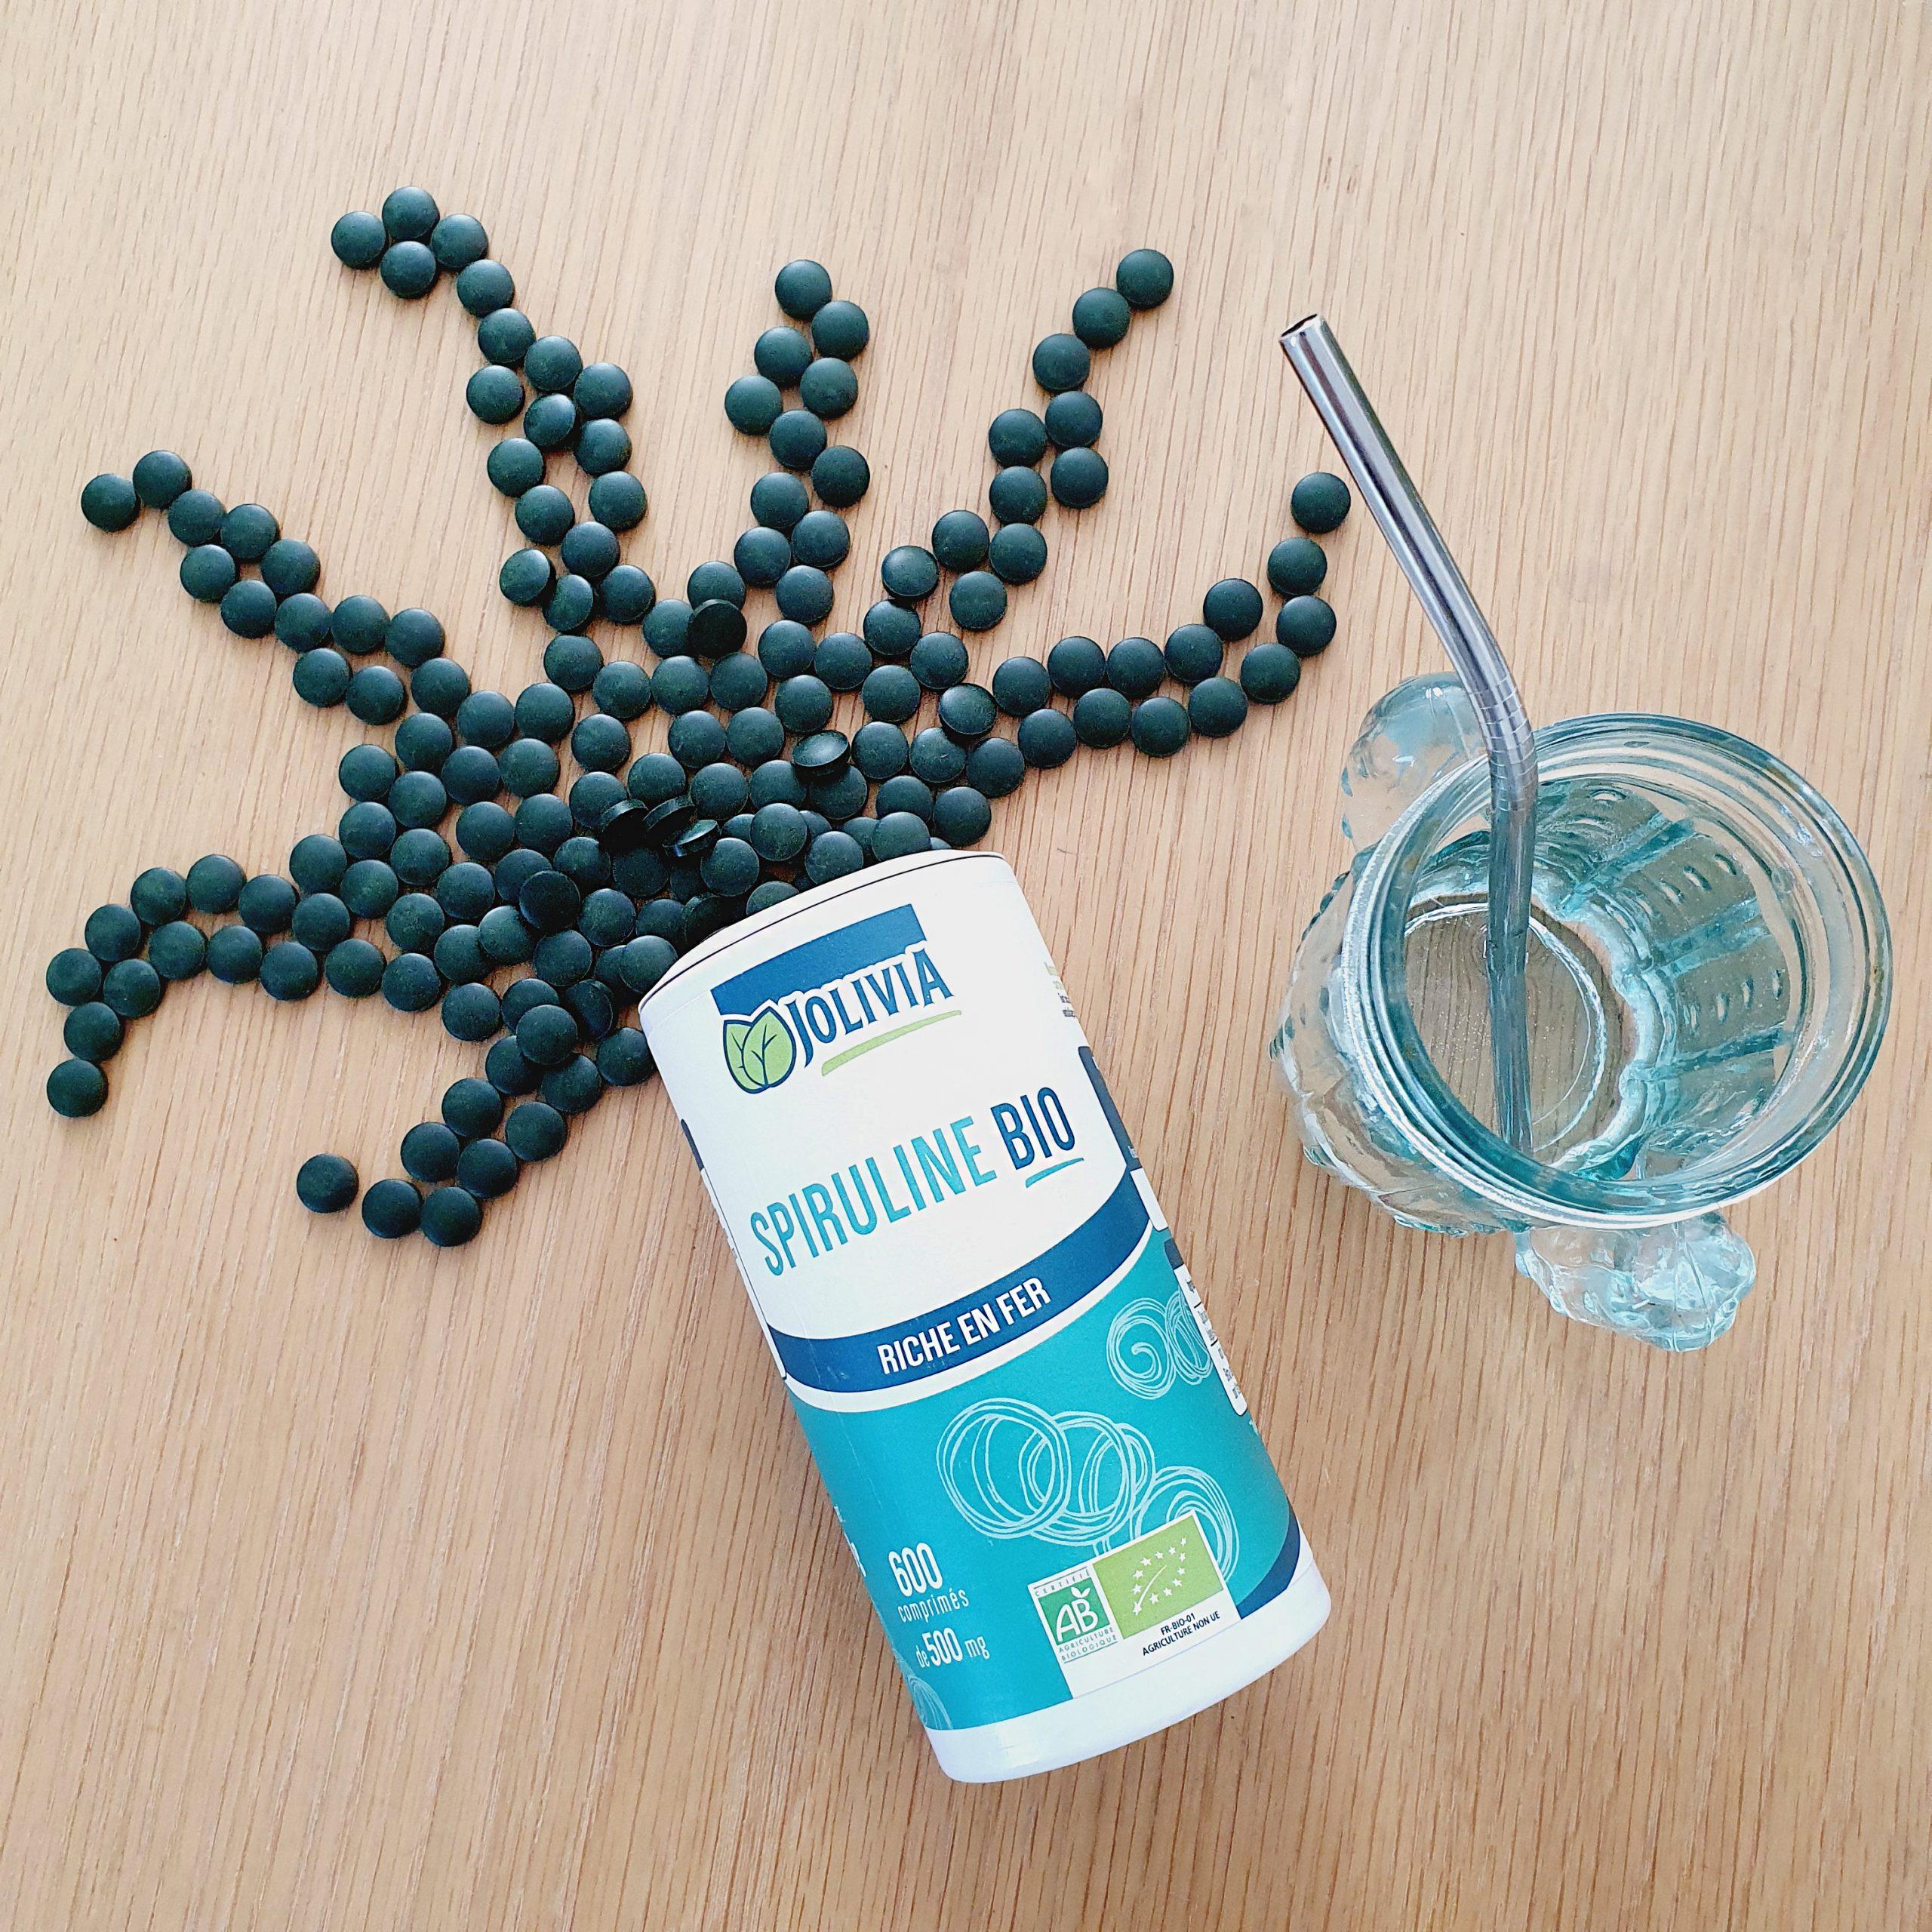 spiruline jolivia en comprimé disposés de manière à ressembler à une algue